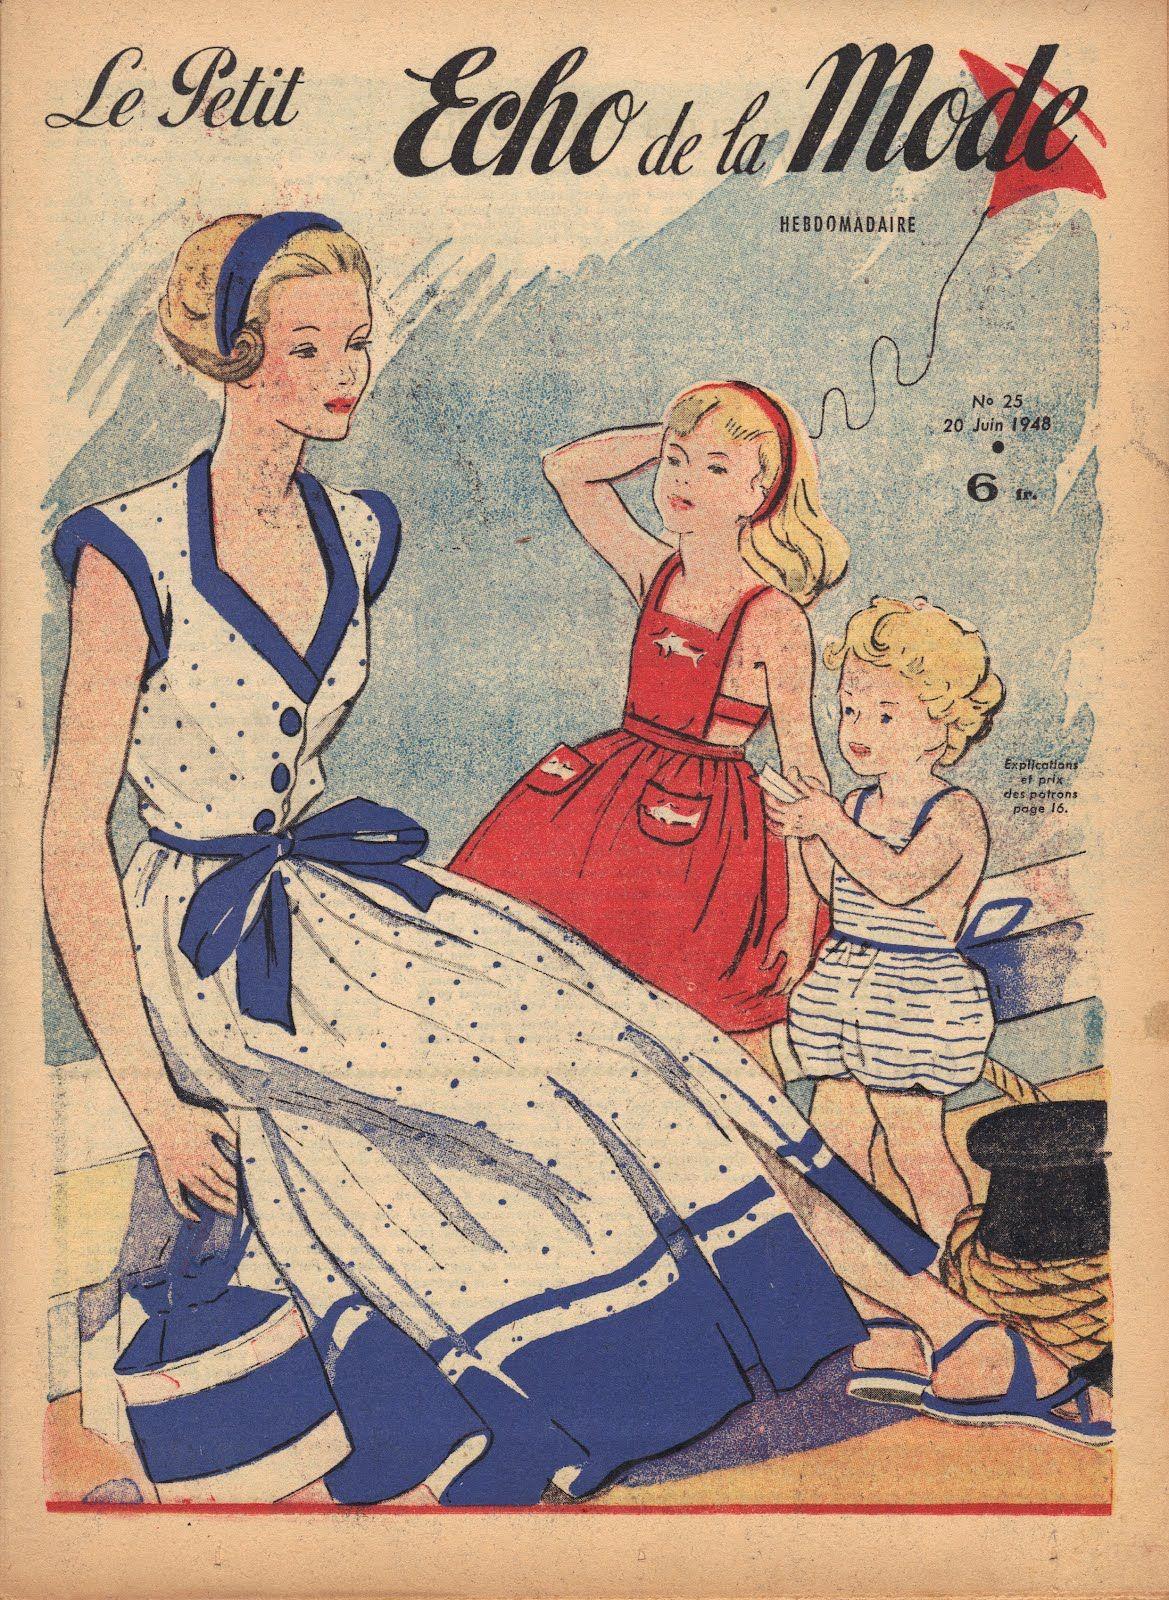 Le Petit Echo de la Mode (1948)